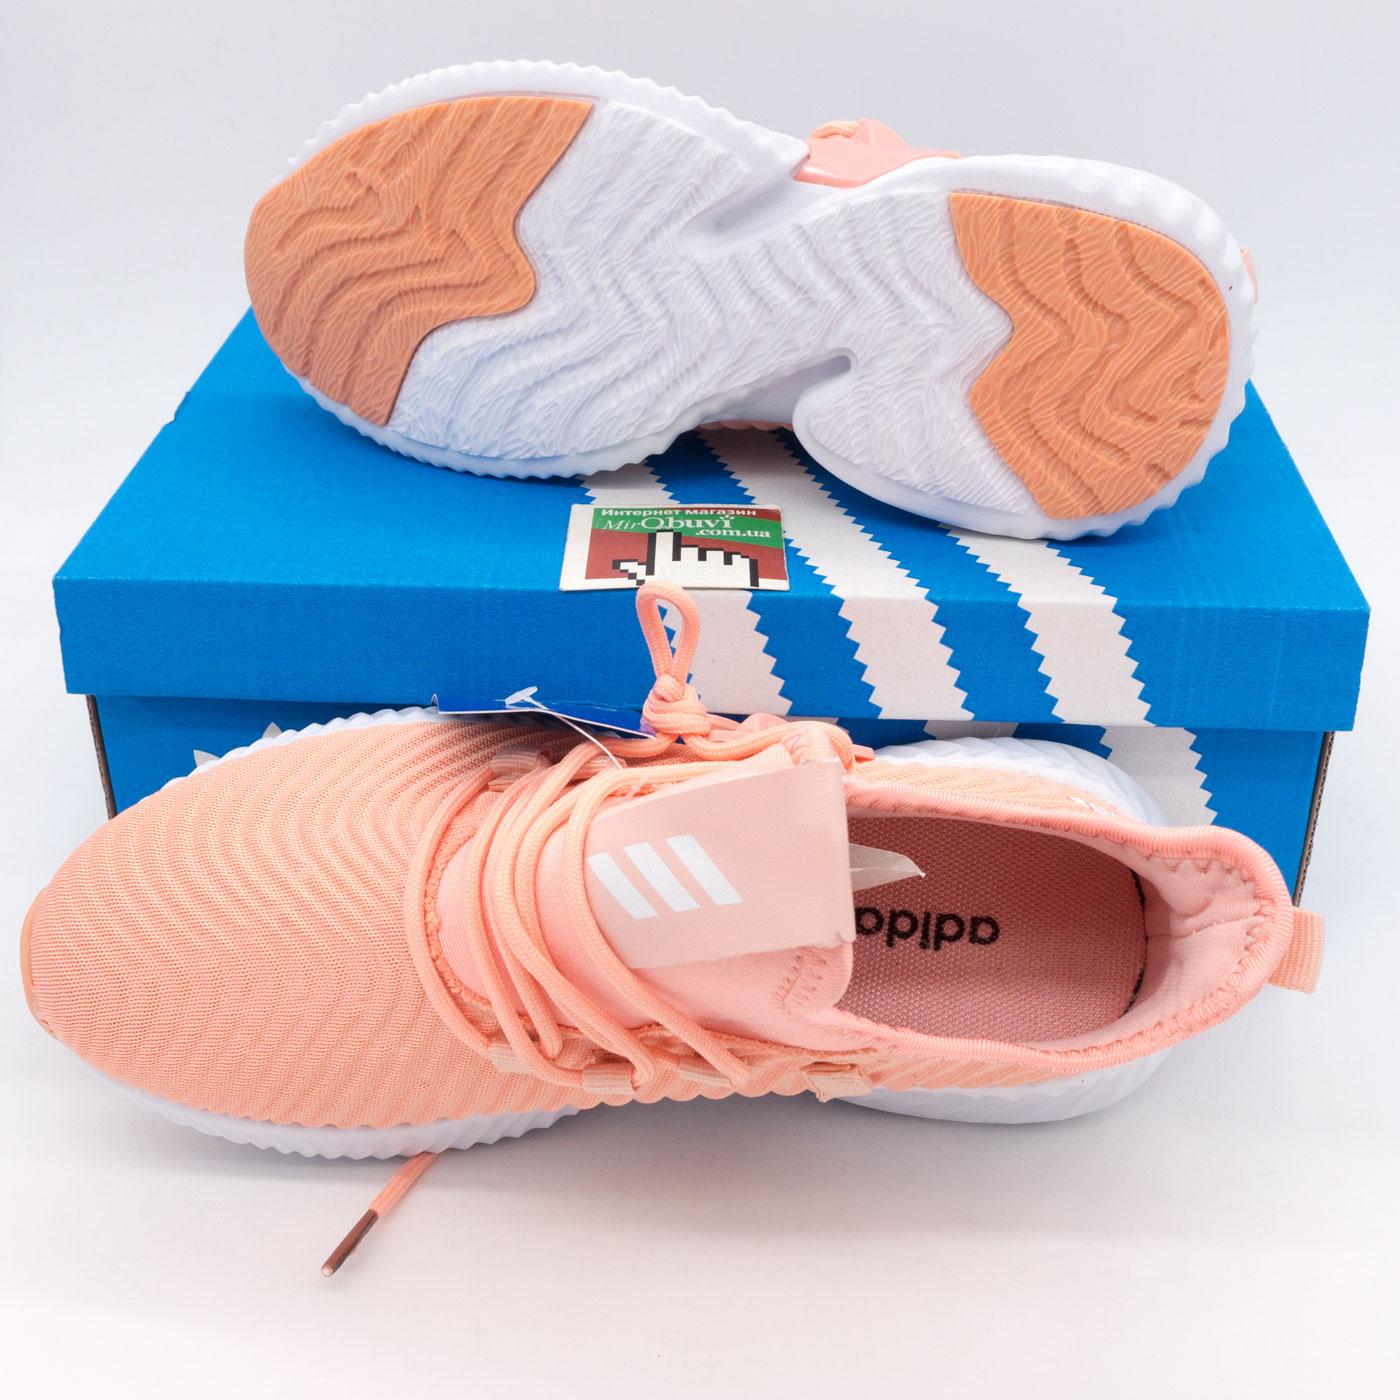 фото bottom Женские кроссовки Adidas Alphabounce Instinct персик. bottom